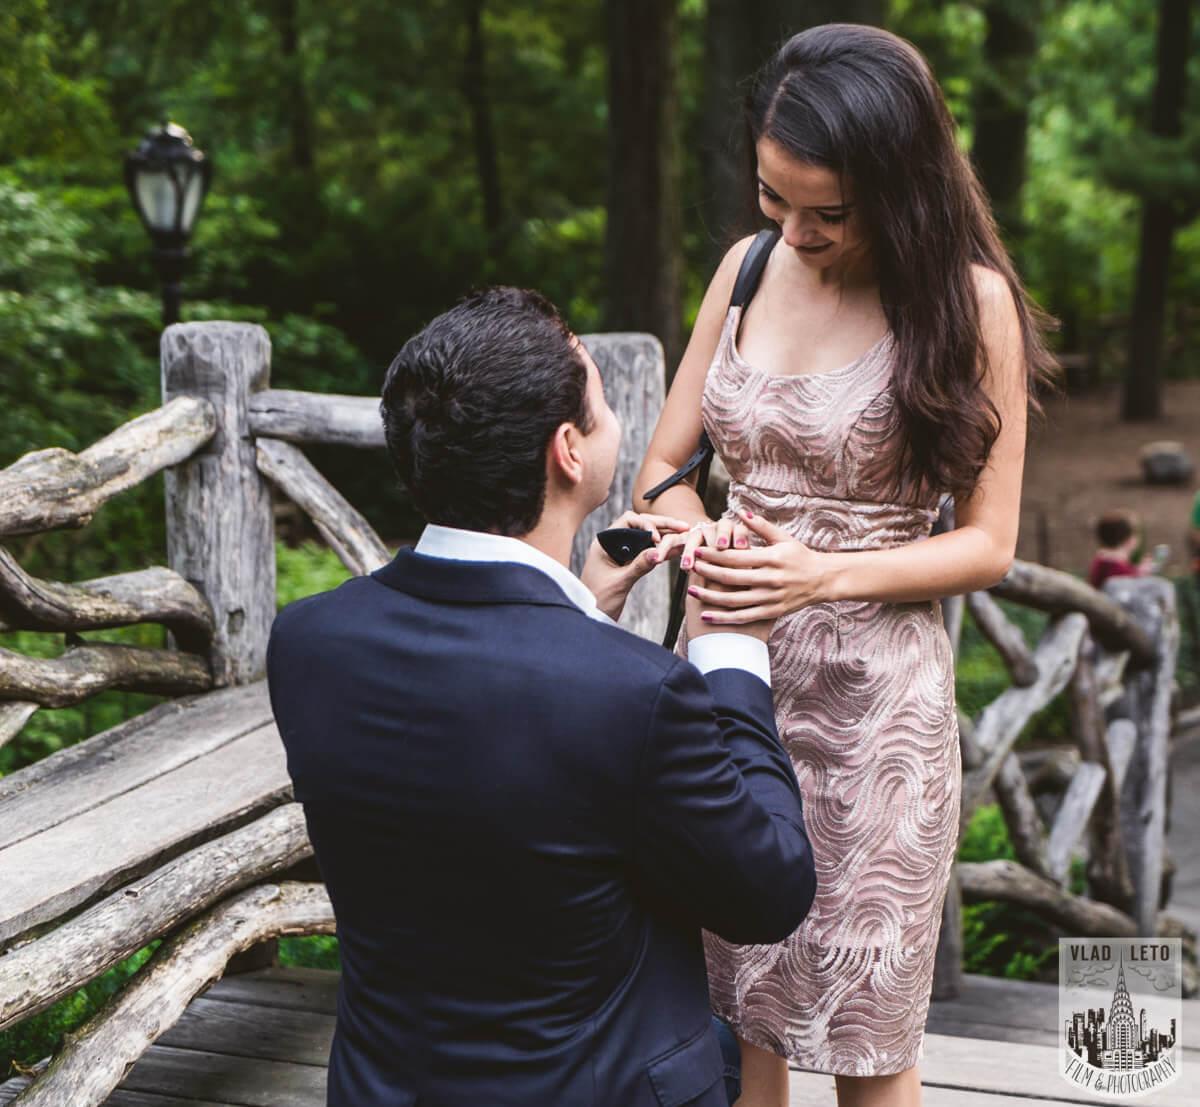 Photo 3 Shakespeare Garden Marriage proposal 2 | VladLeto